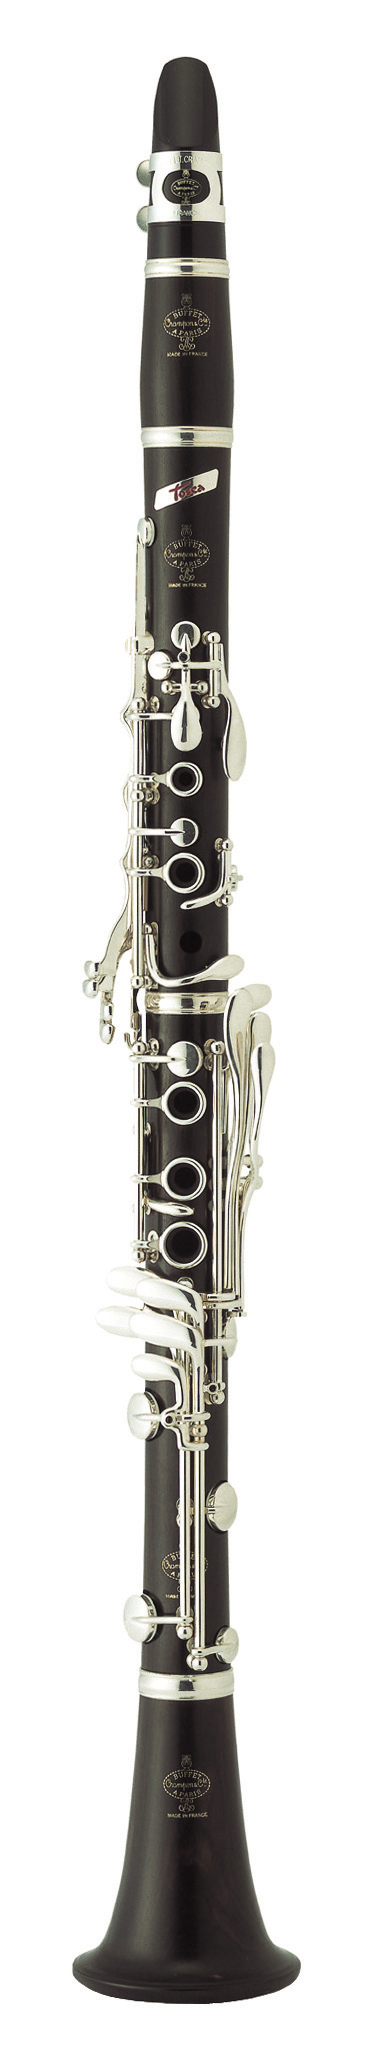 Buffet - BC - 1150L - 2 - 0 - Tosca - Holzblasinstrumente - Klarinetten | MUSIK BERTRAM Deutschland Freiburg